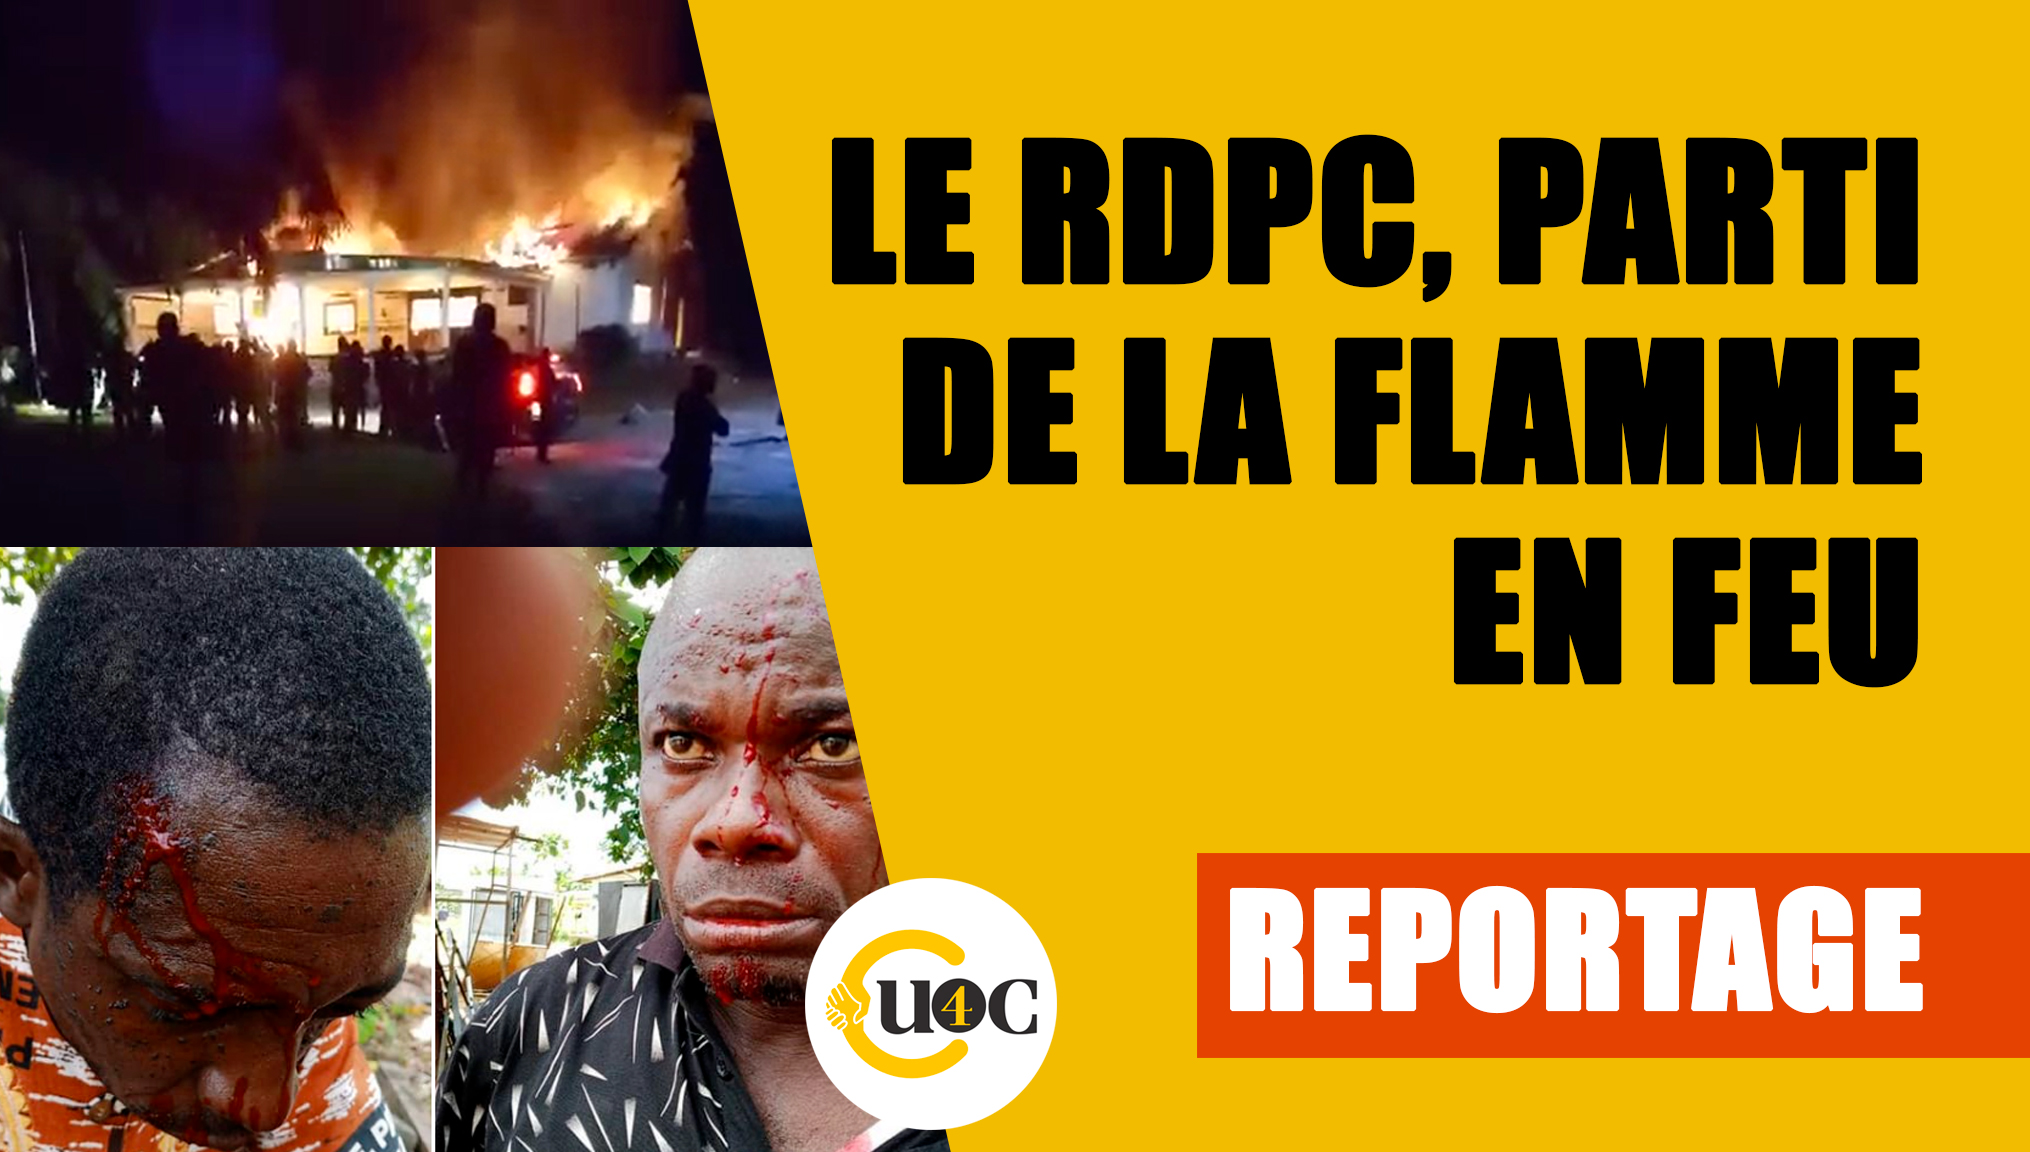 Le RDPC, parti de la flamme en feu